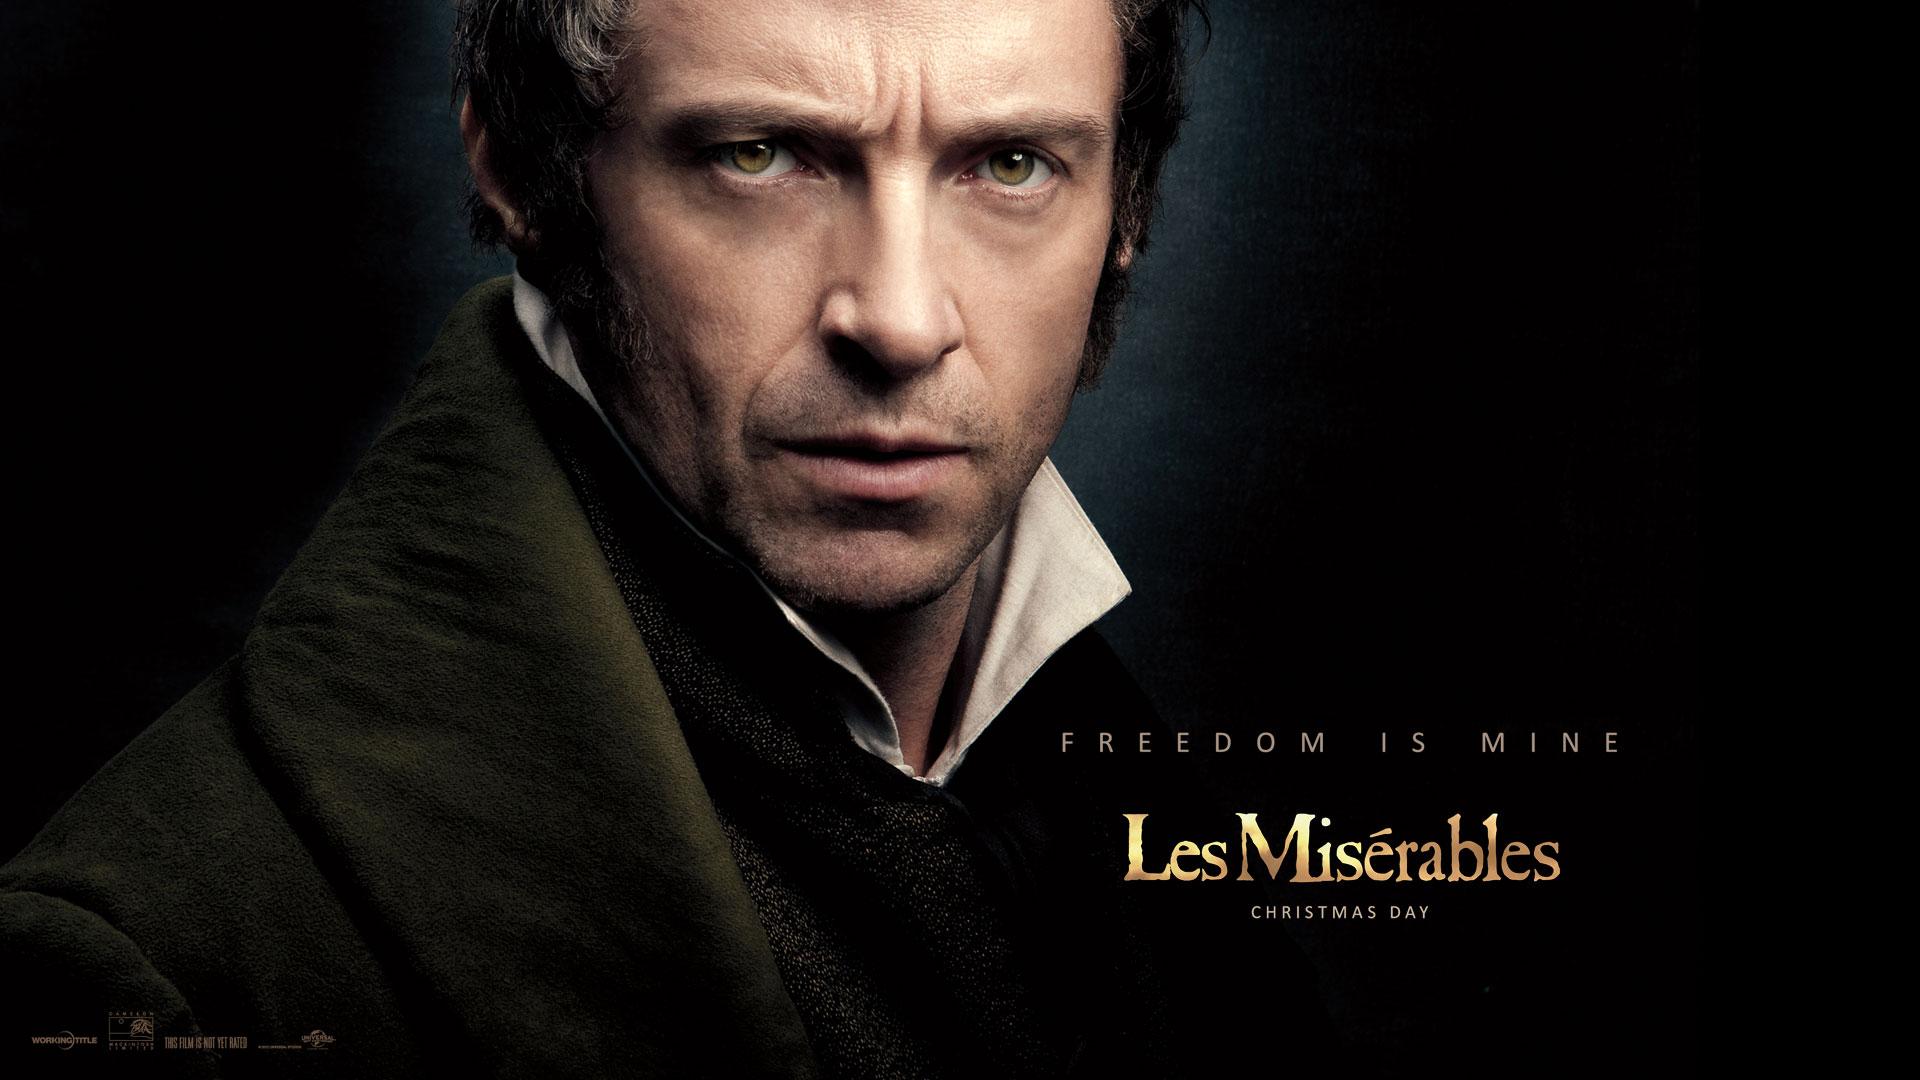 Les Miserables Jackman